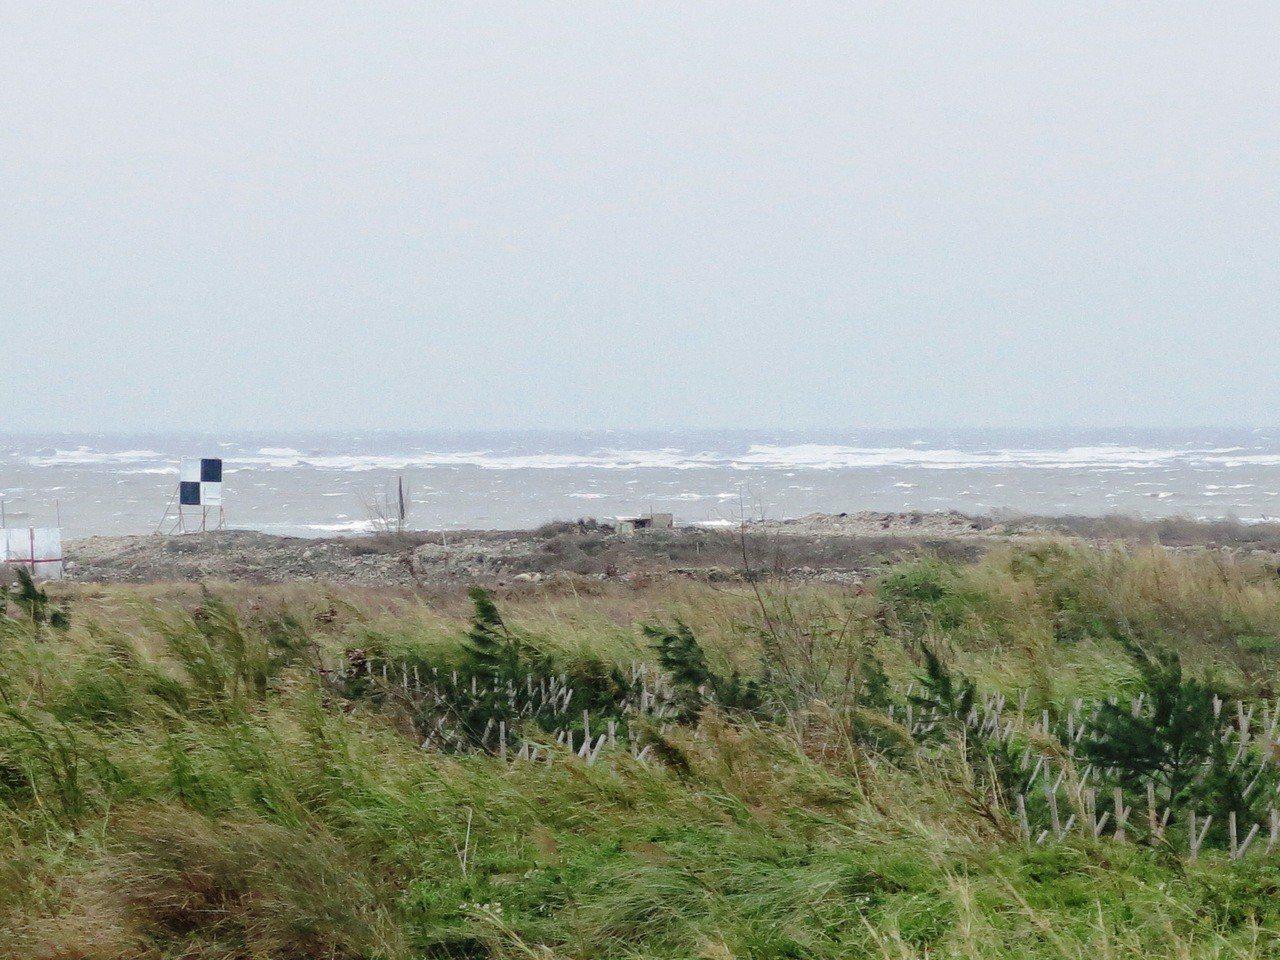 清水番仔寮陣地甲南海灘,是中部某軍團實施火砲實彈射擊的重要演習場地。記者黑中亮/...